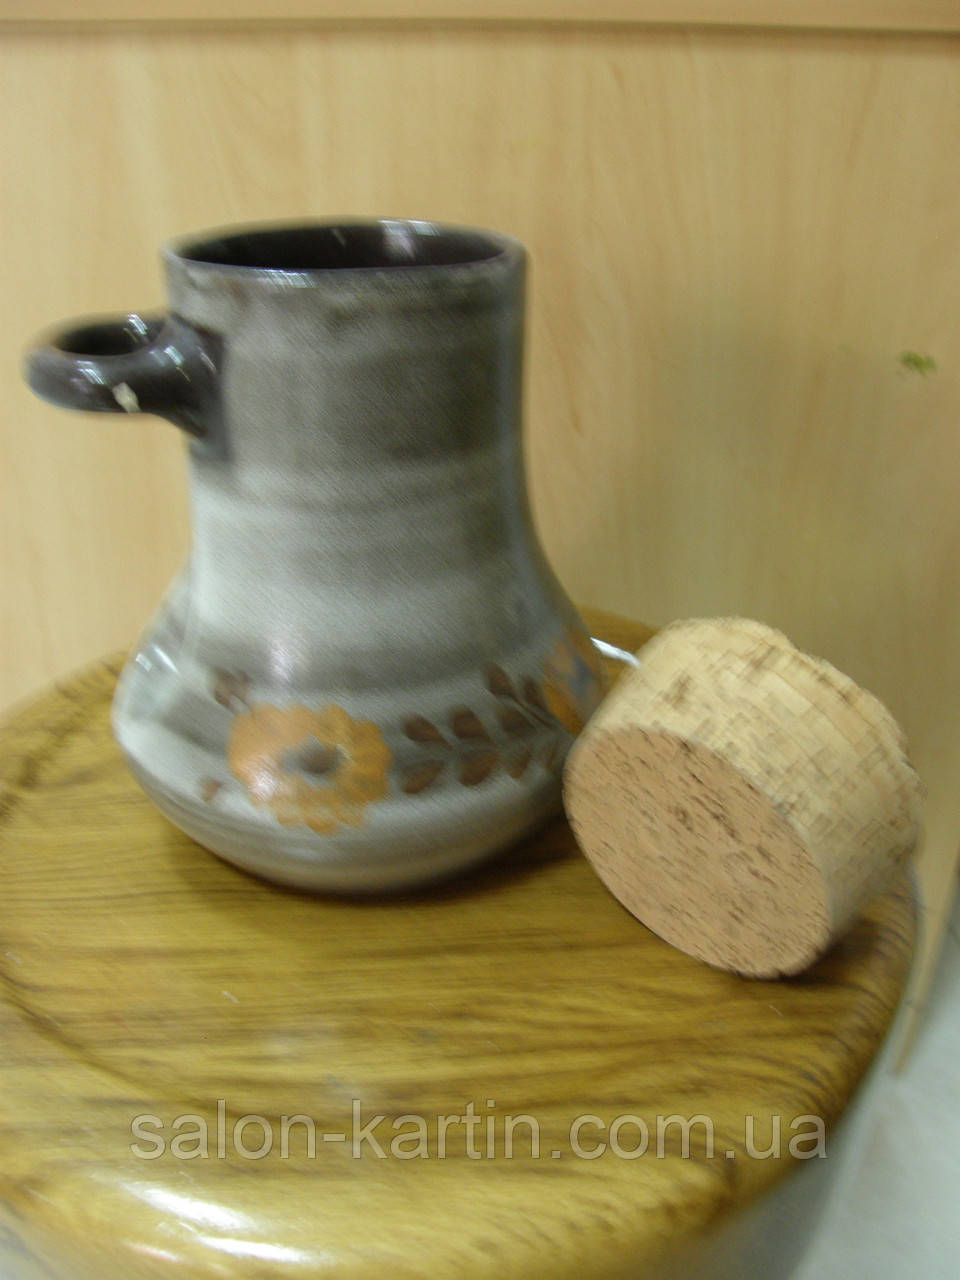 Кувшин керамический старинный, Франция